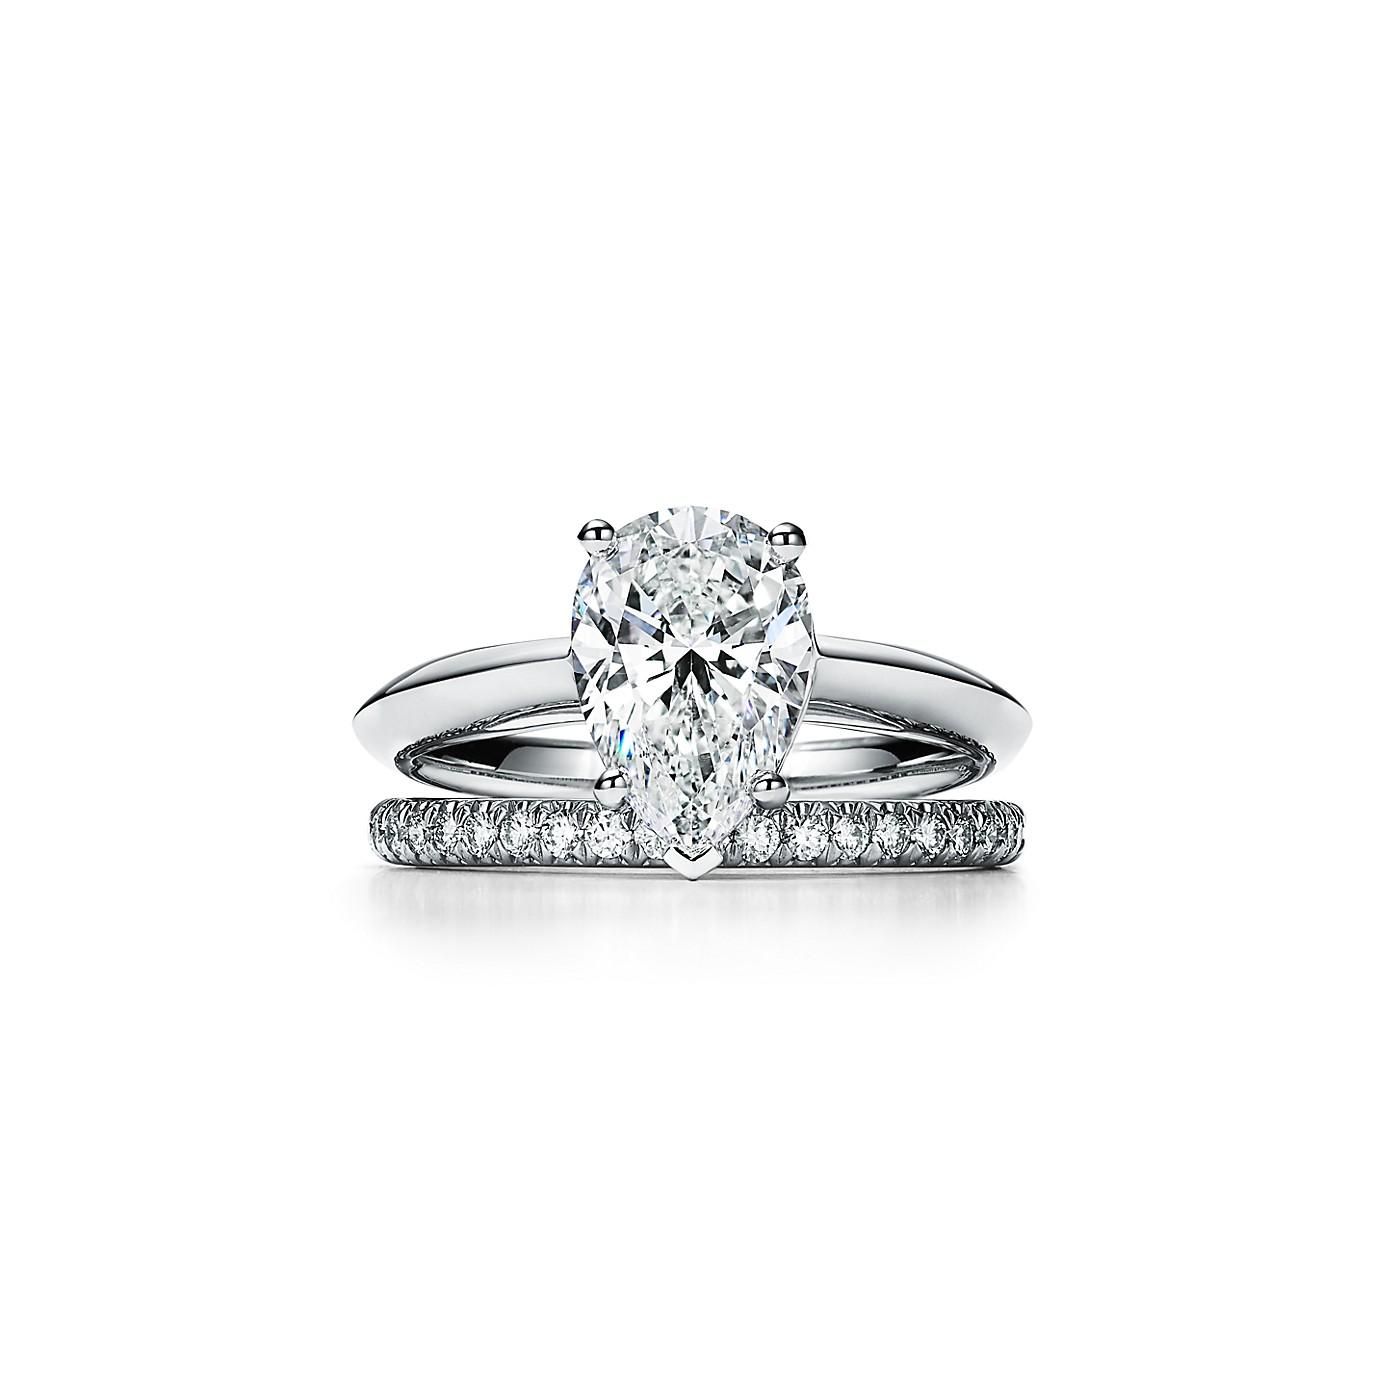 ペアシェイプ ダイヤモンド エンゲージメント リング(3)―Tiffany & Co.(ティファニー)